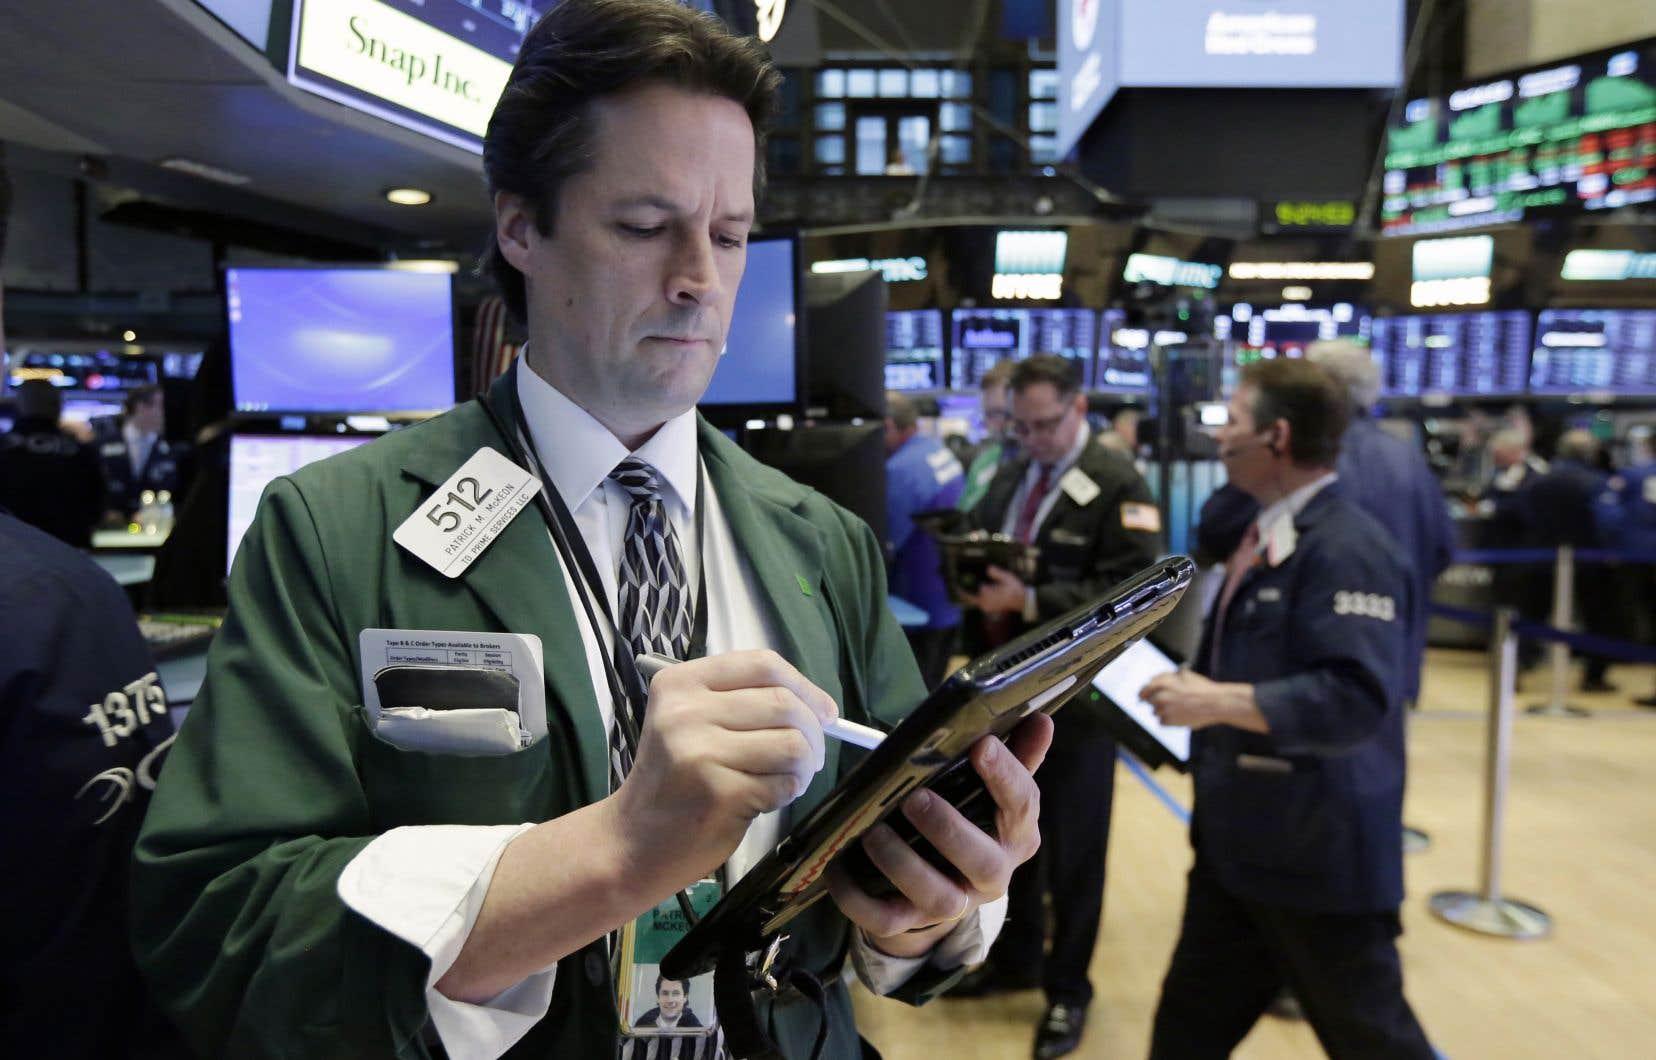 L'indice vedette de Wall Street, le Dow Jones, a cédé 0,1% à 24893,35 points.